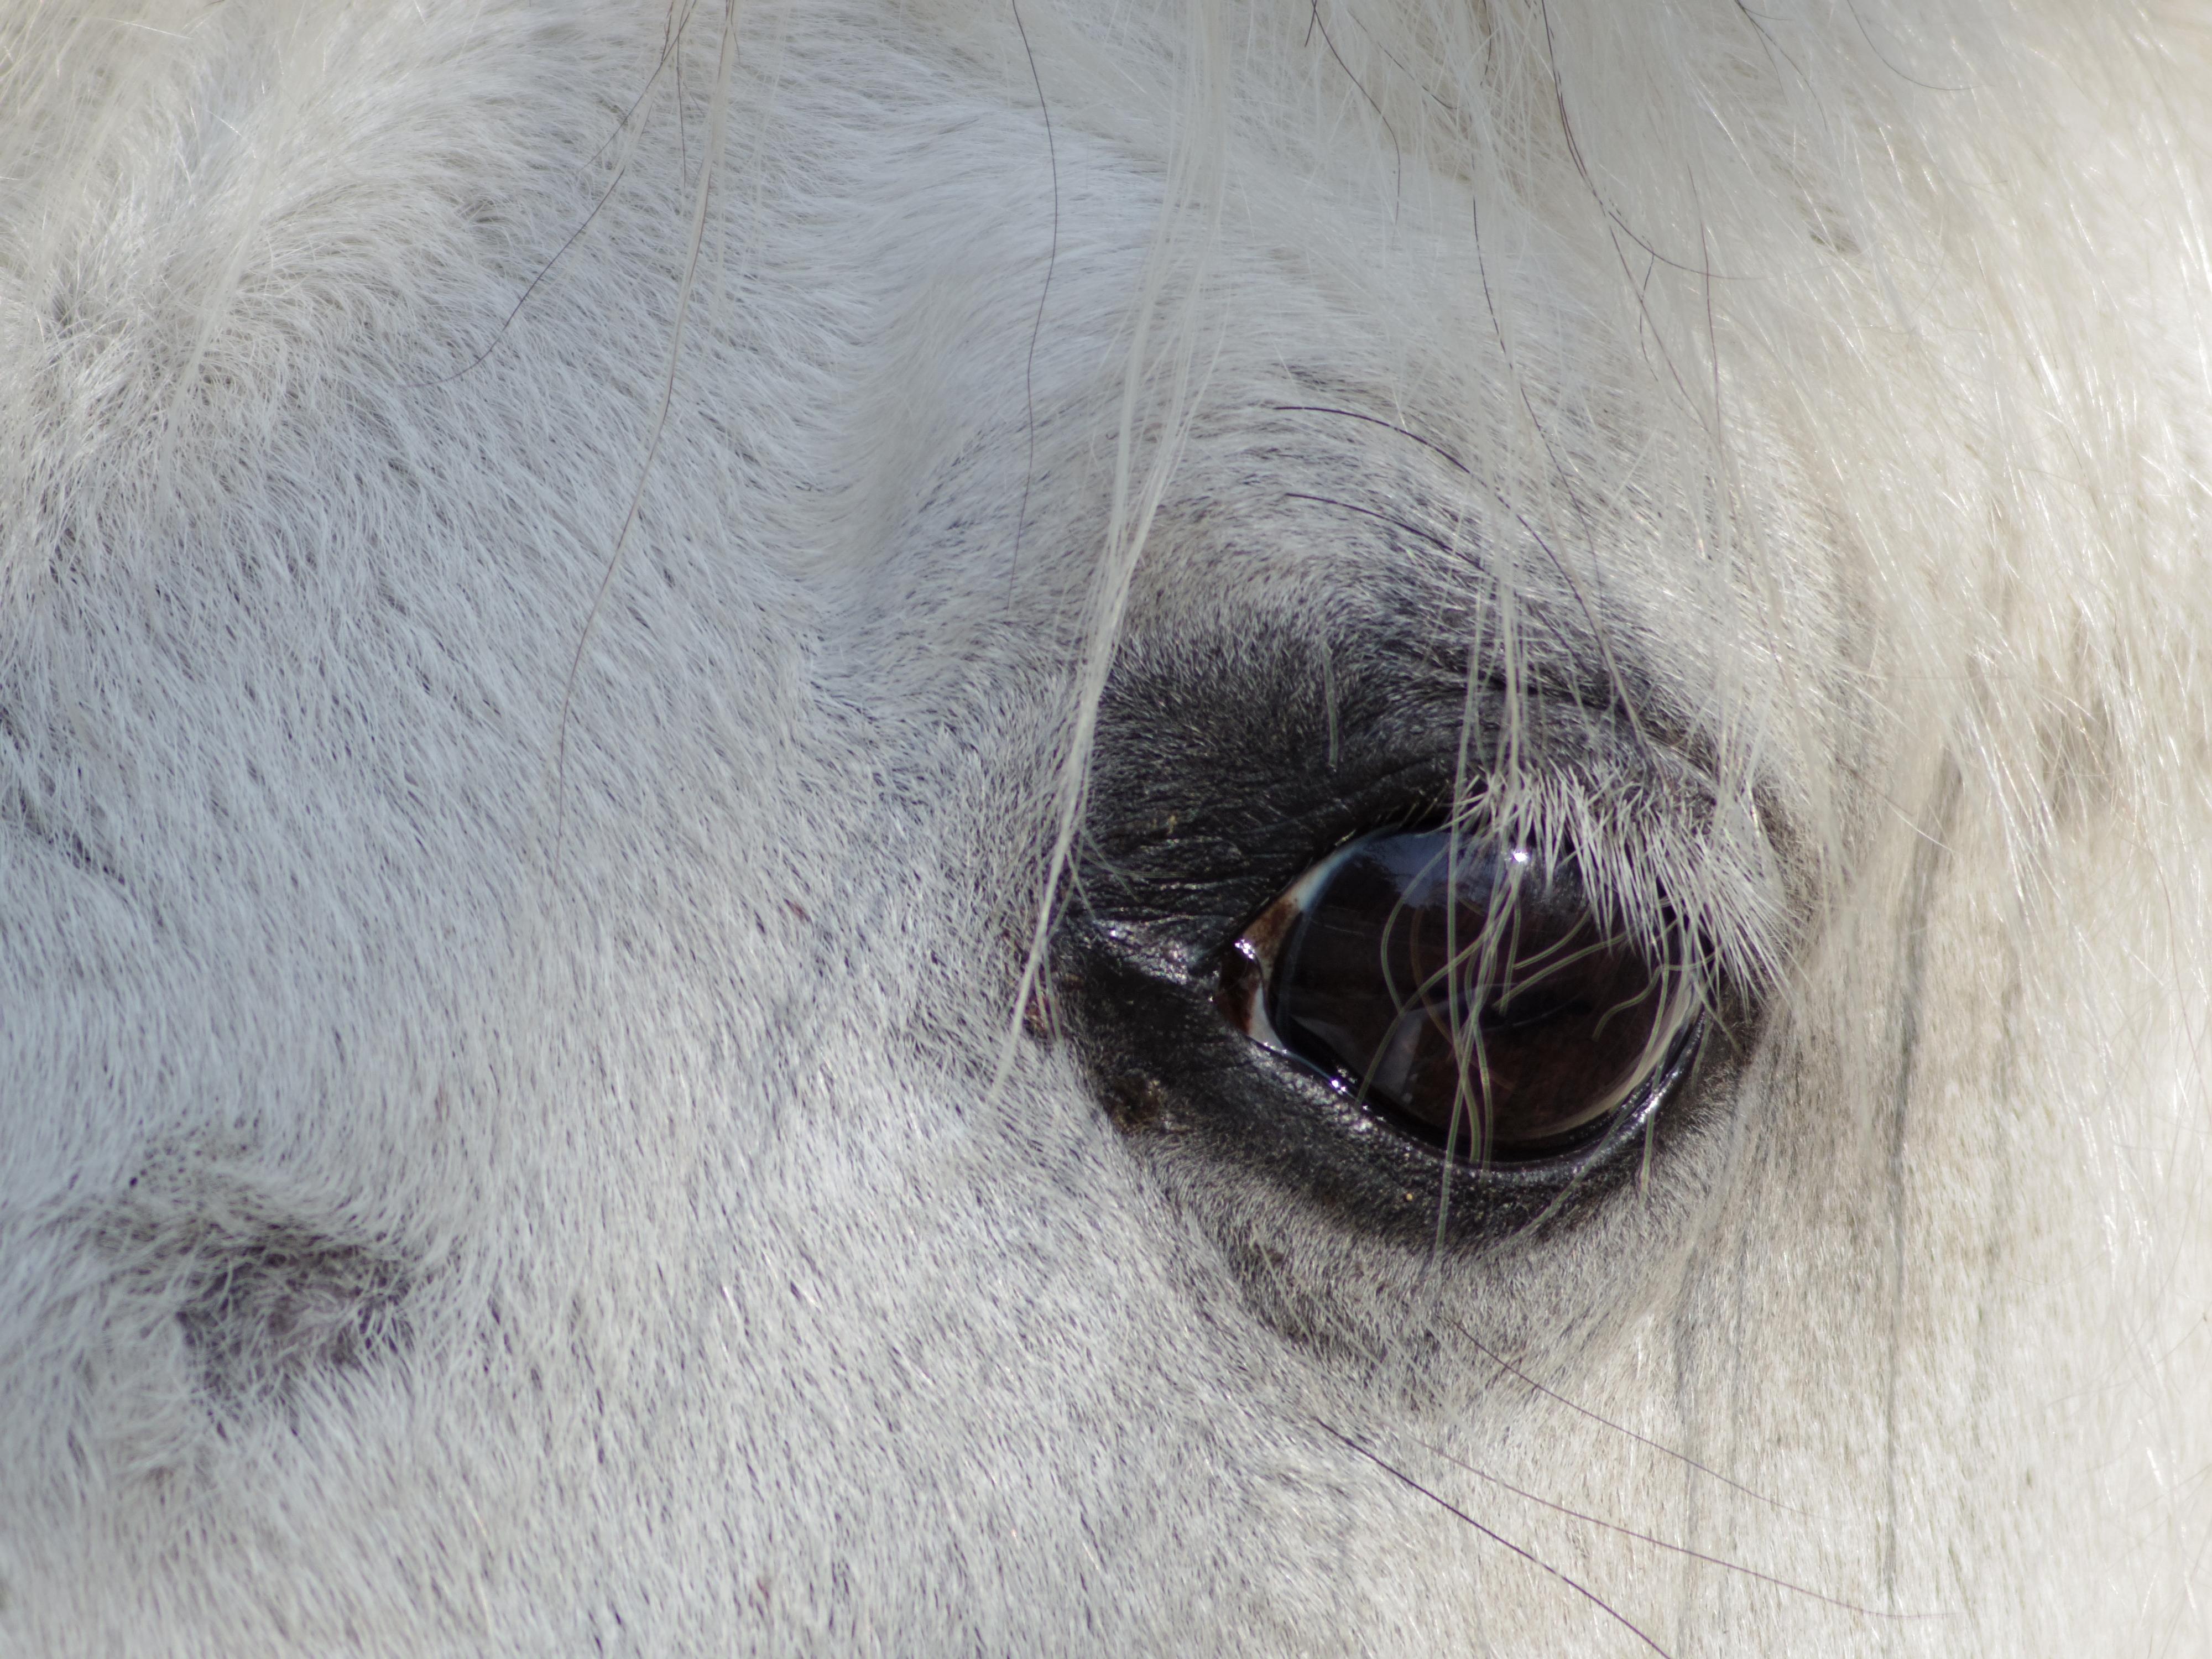 望遠側で馬の目のマツゲにピントを合わせました。DA★ 60-250mm F4ED [IF] SDM / 1/500秒 / F4 / 0EV / ISO100 / 絞り優先AE / WB:オート / 250mm